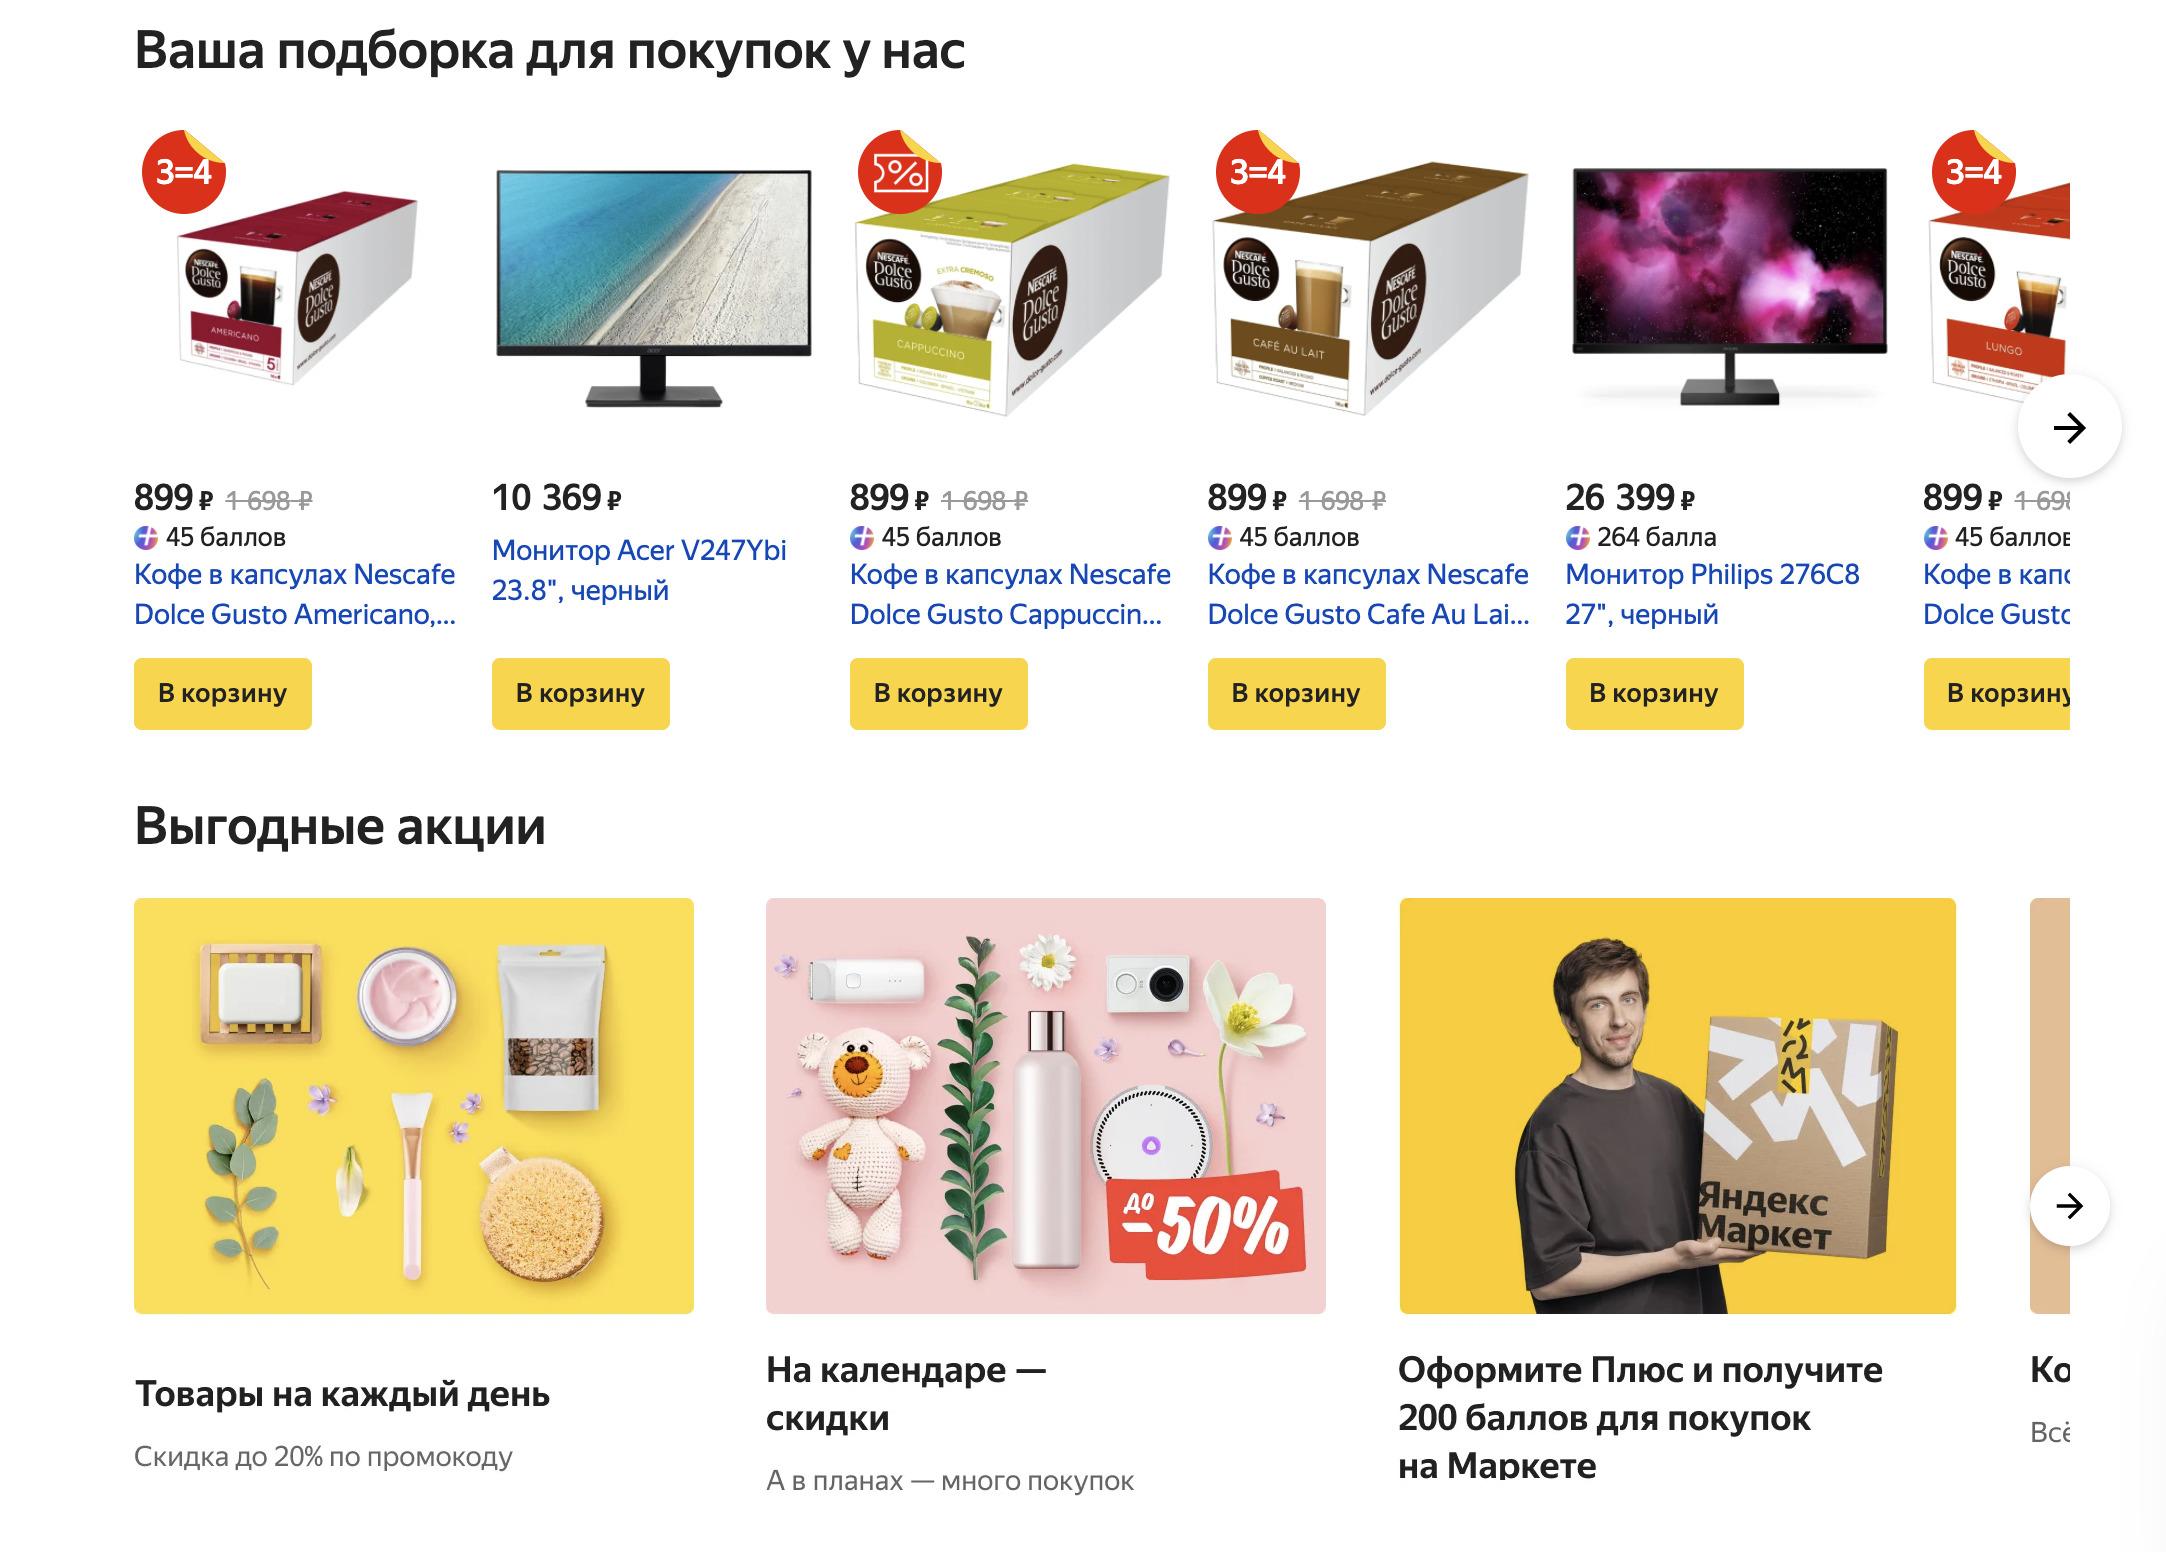 Доставка из Яндекс.Маркет в Тамбовскую область, сроки, пункты выдачи, каталог